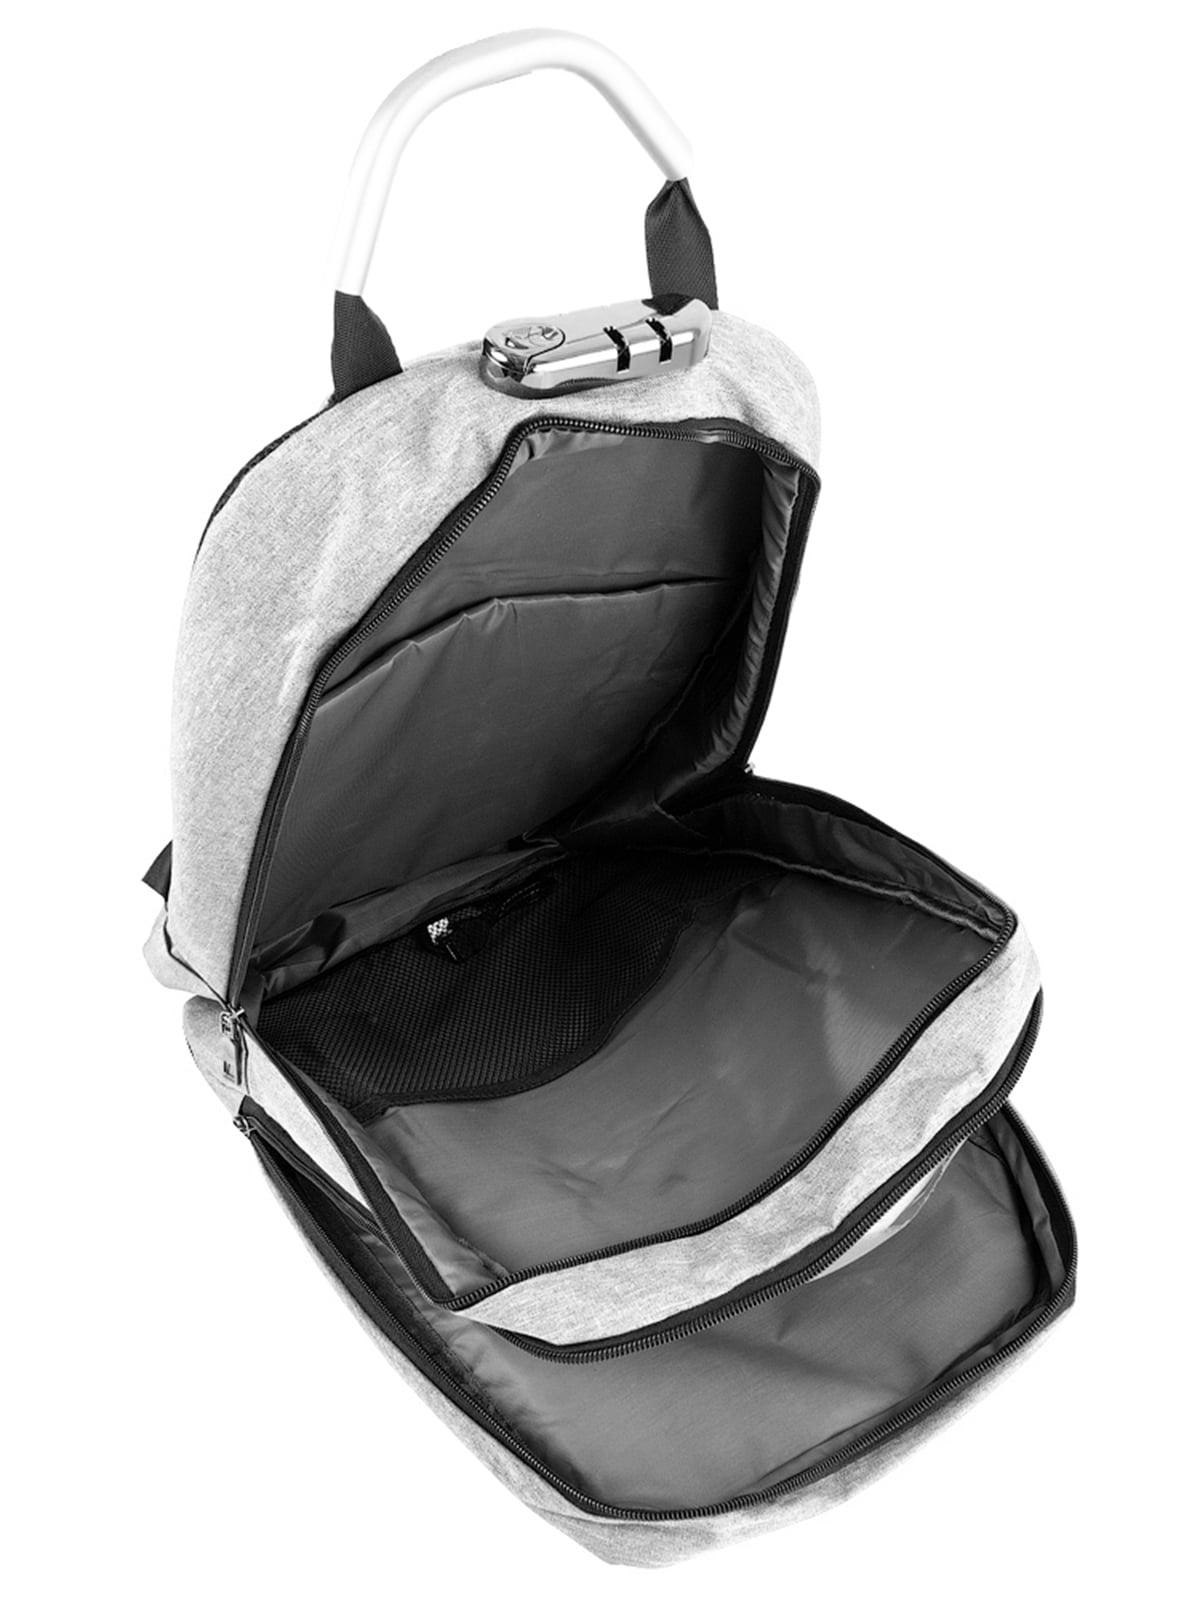 Рюкзак серо-черный   5087430   фото 5